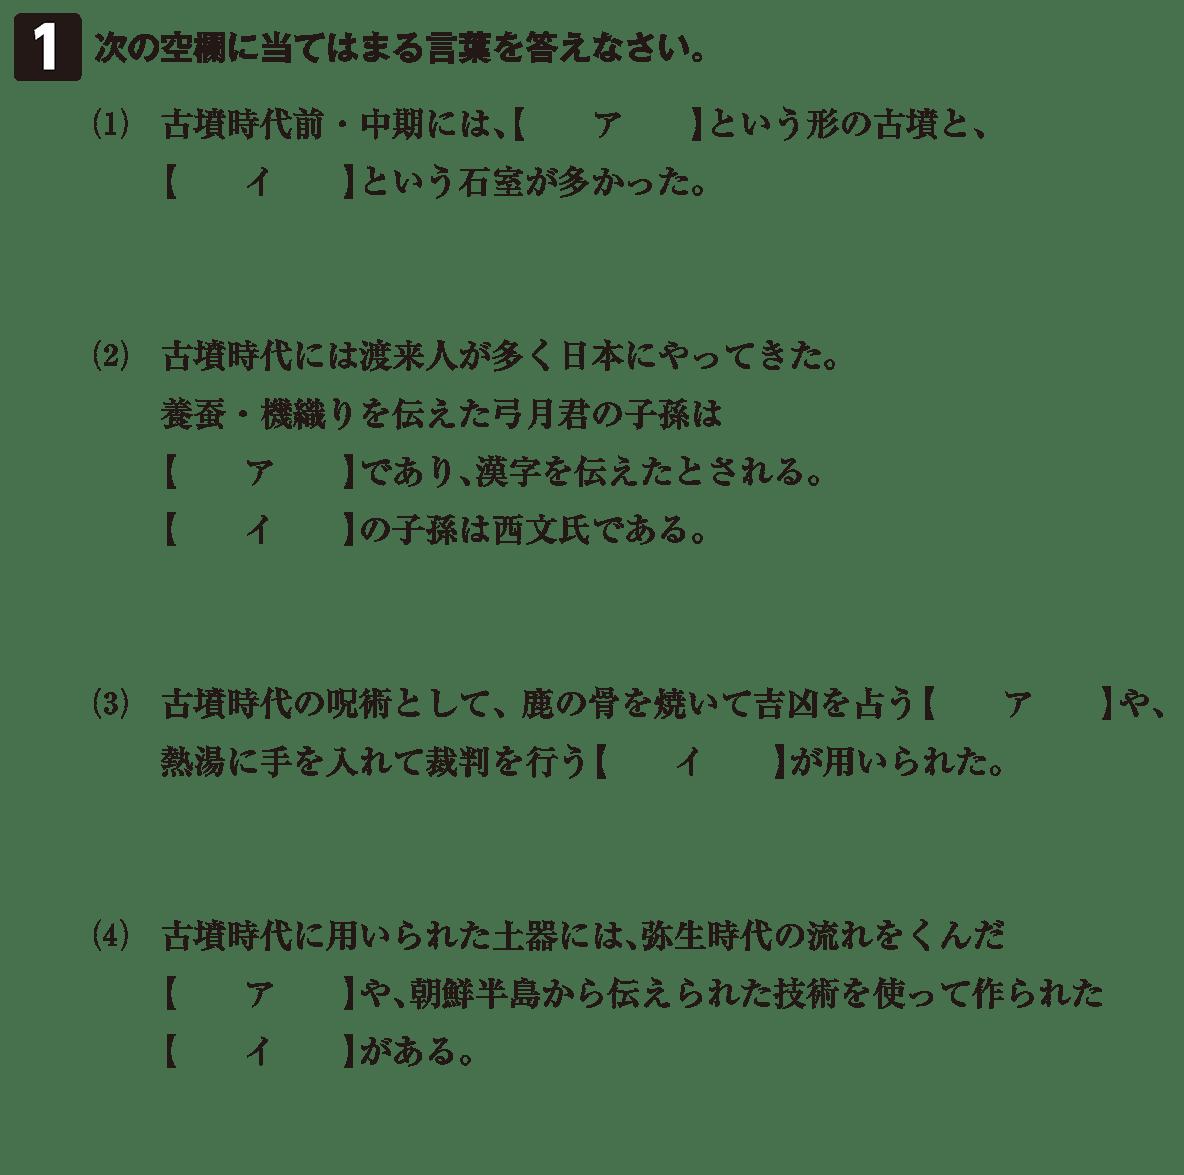 古墳文化3 問題1 問題